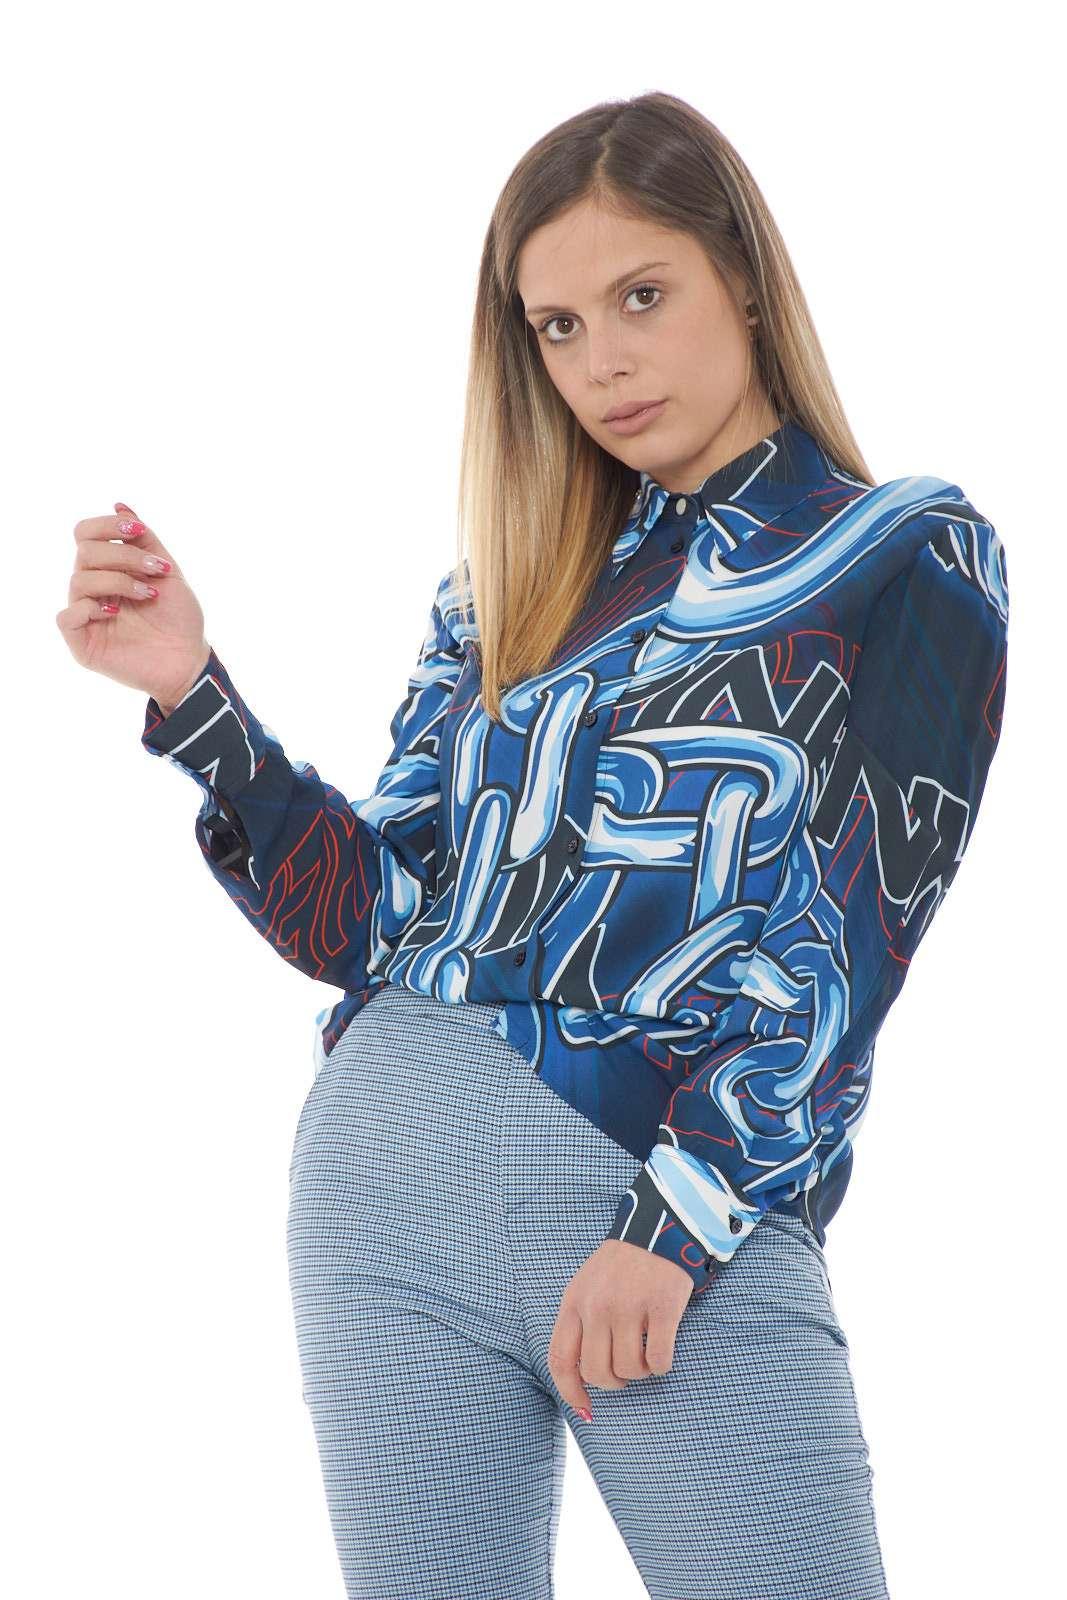 Una camicia donna ad effetto trasparente quella proposta da nuova collezione Pinko. Caratterizzata dalla fantasia a catene che da un tocco vivace e stiloso al capo. Da abbinare a un pantalone sarà un outfit fantastico.